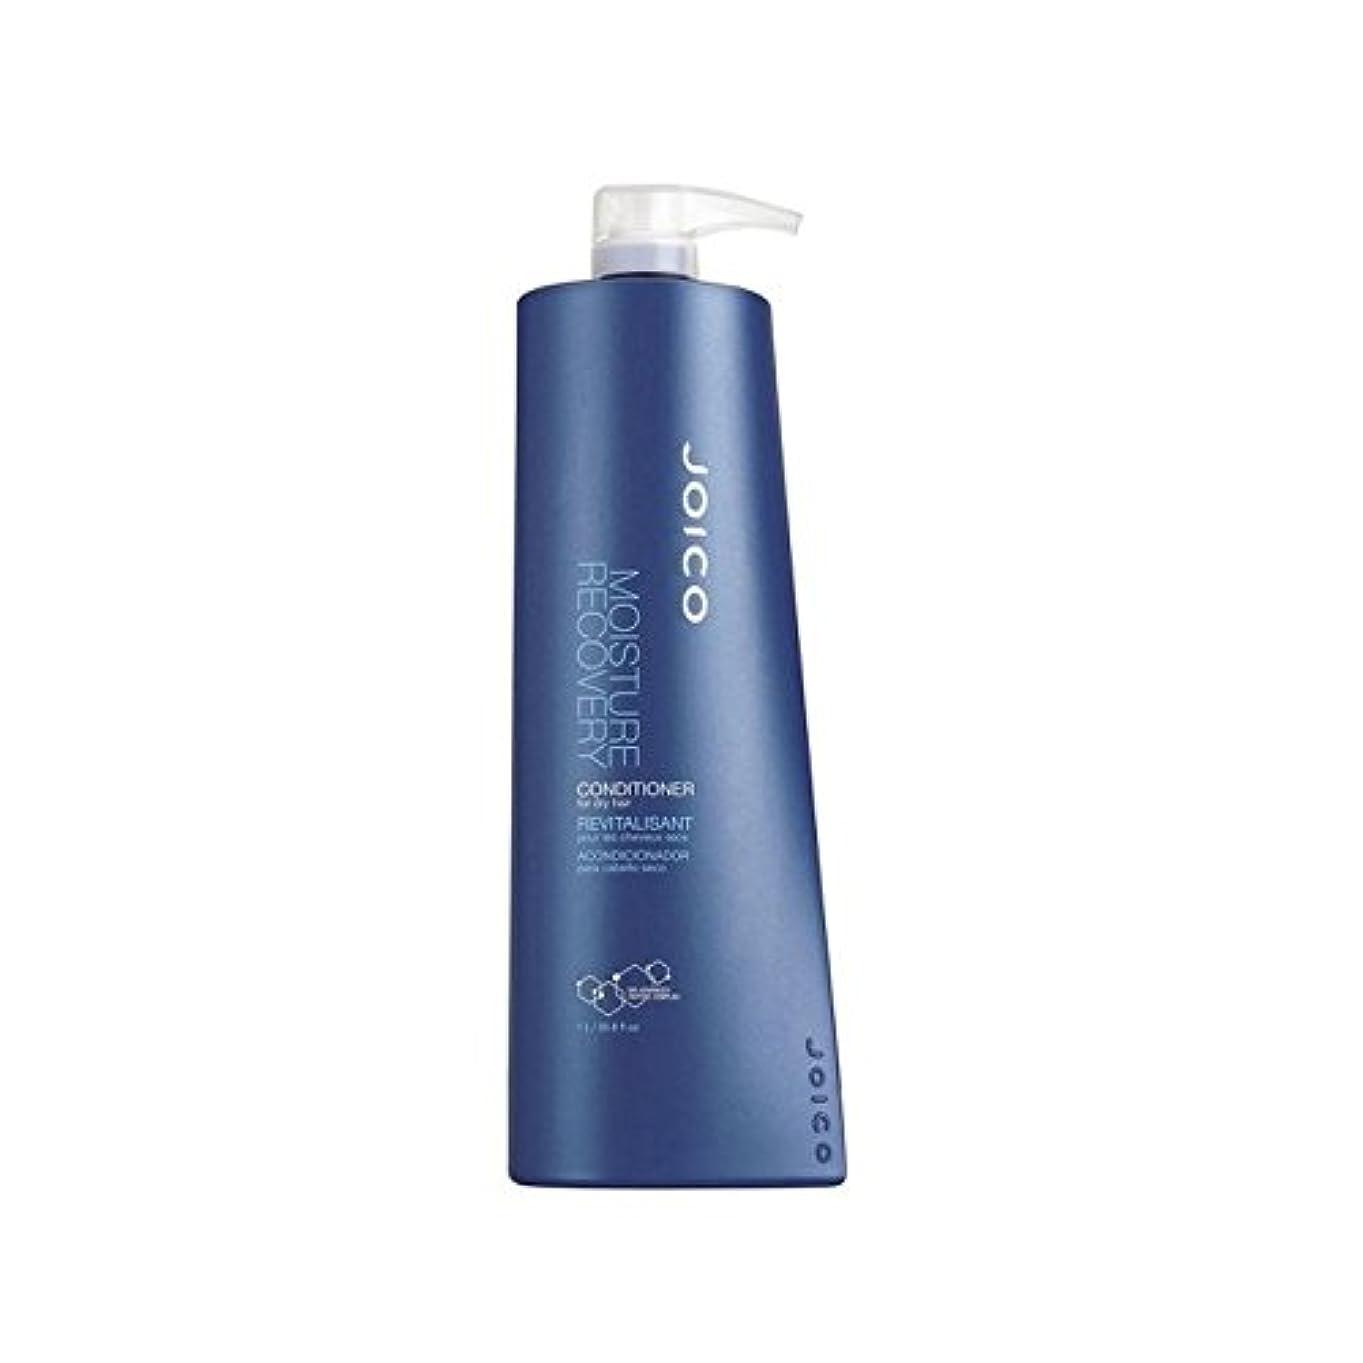 濃度肘想定乾いた髪用ジョイコ水分回復コンディショナー(千ミリリットル) x2 - Joico Moisture Recovery Conditioner For Dry Hair (1000ml) (Pack of 2) [並行輸入品]